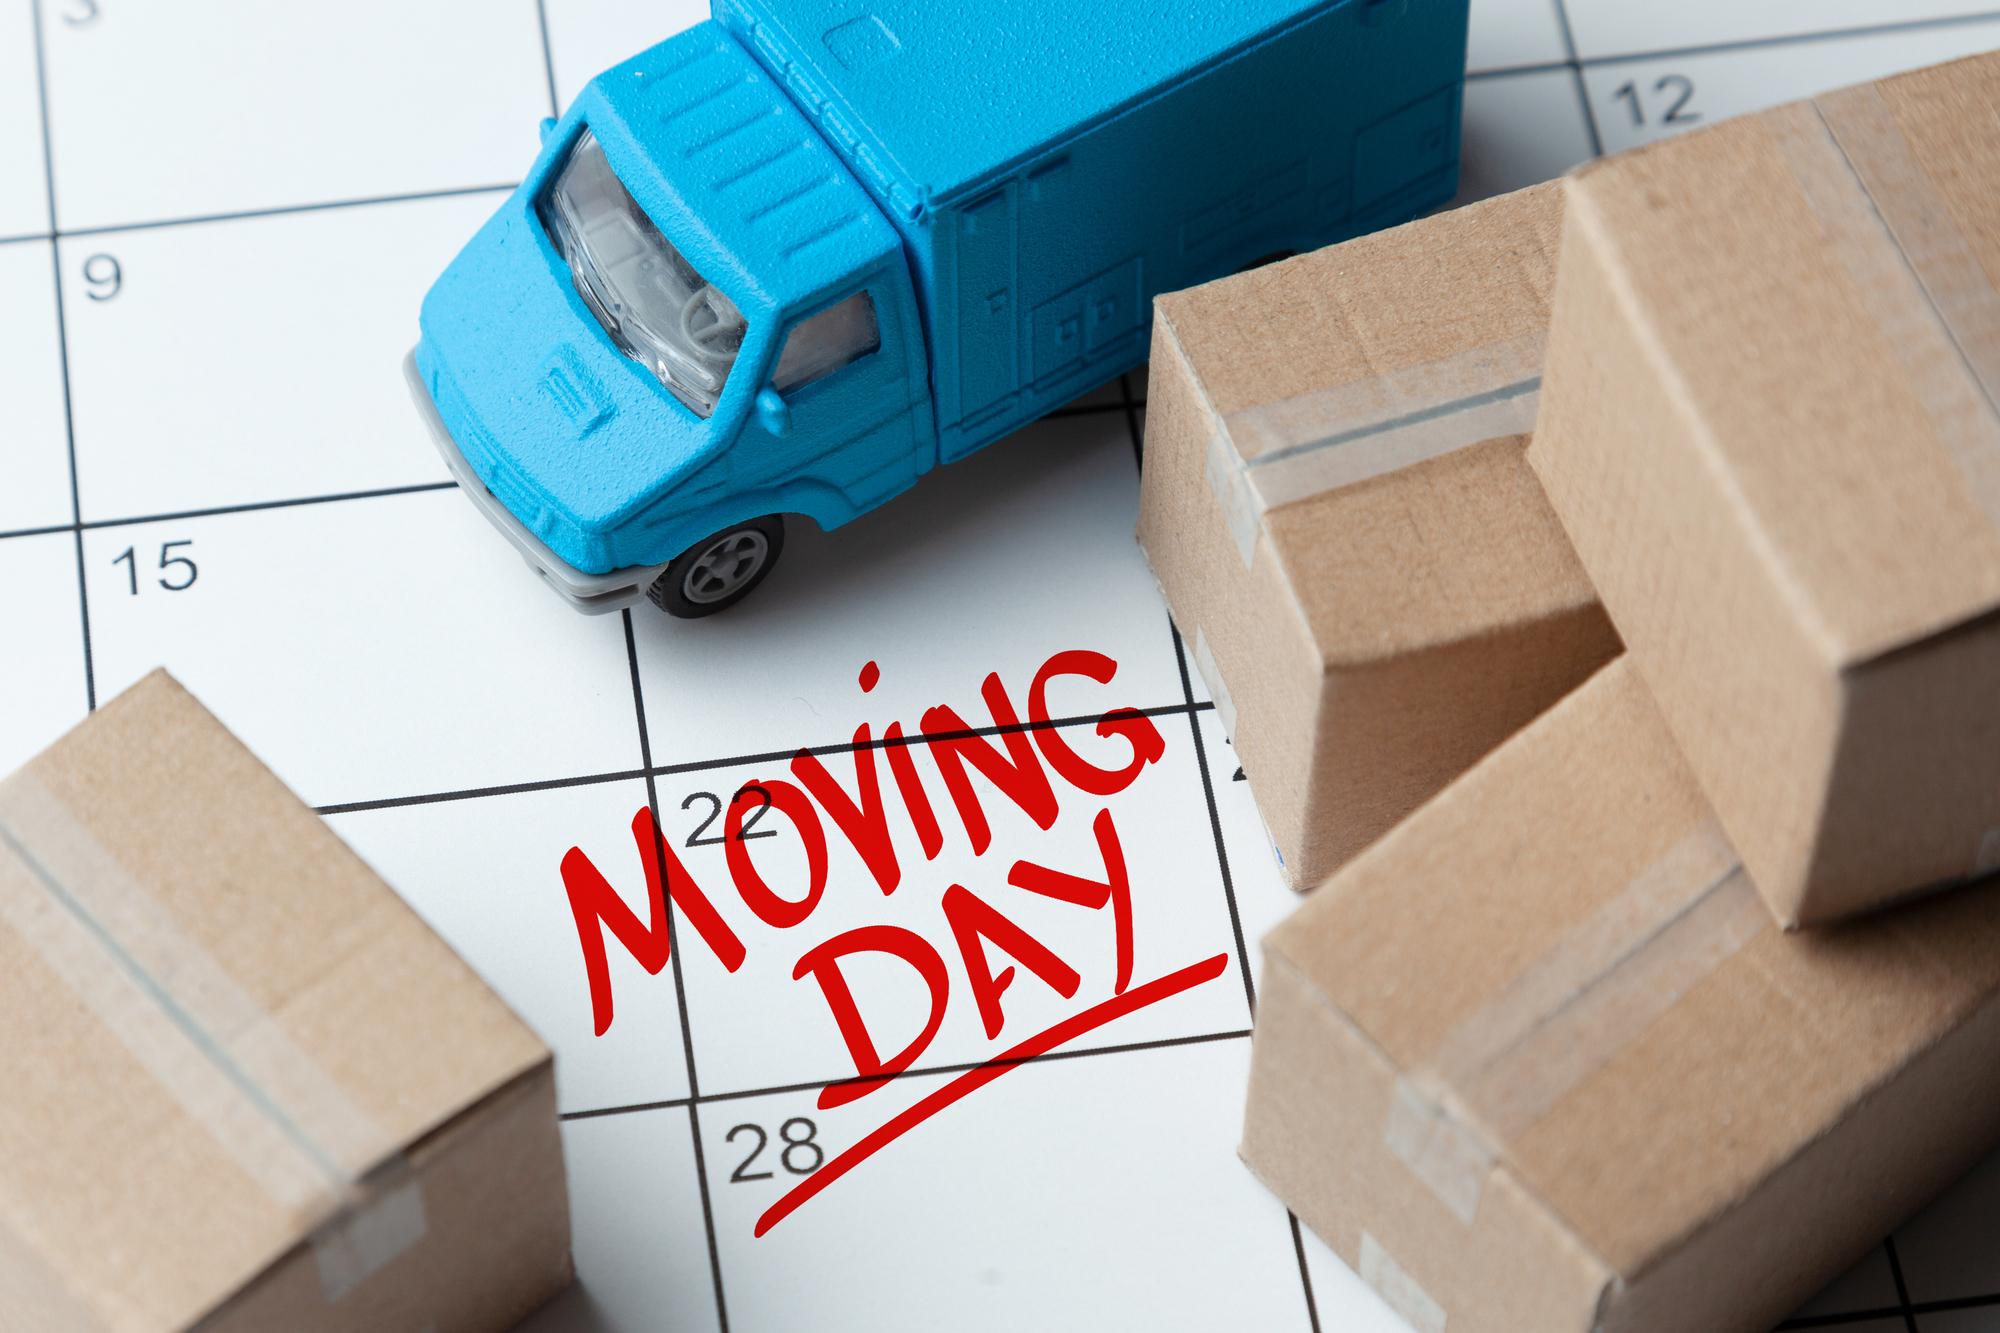 搬家公司,佳里搬家公司,搬家公司介紹,搬家公司推薦